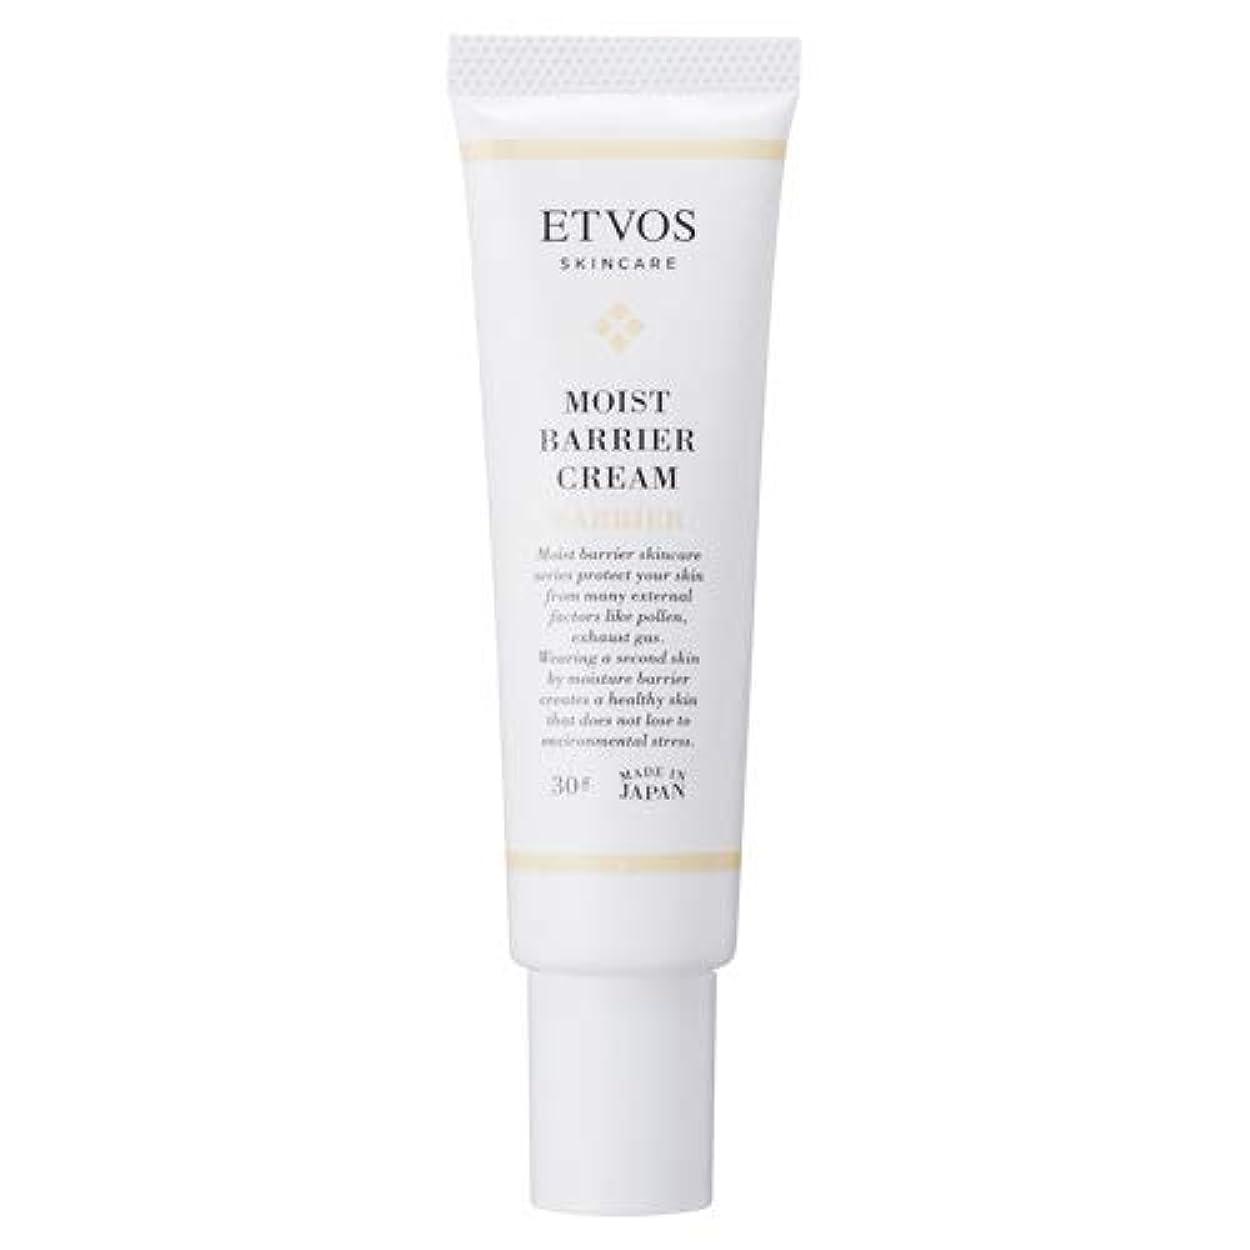 しなければならない治安判事競合他社選手ETVOS(エトヴォス) 皮膚保護クリーム モイストバリアクリーム 30g 肌荒れ/敏感肌 花粉/PM2.5/ハウスダスト